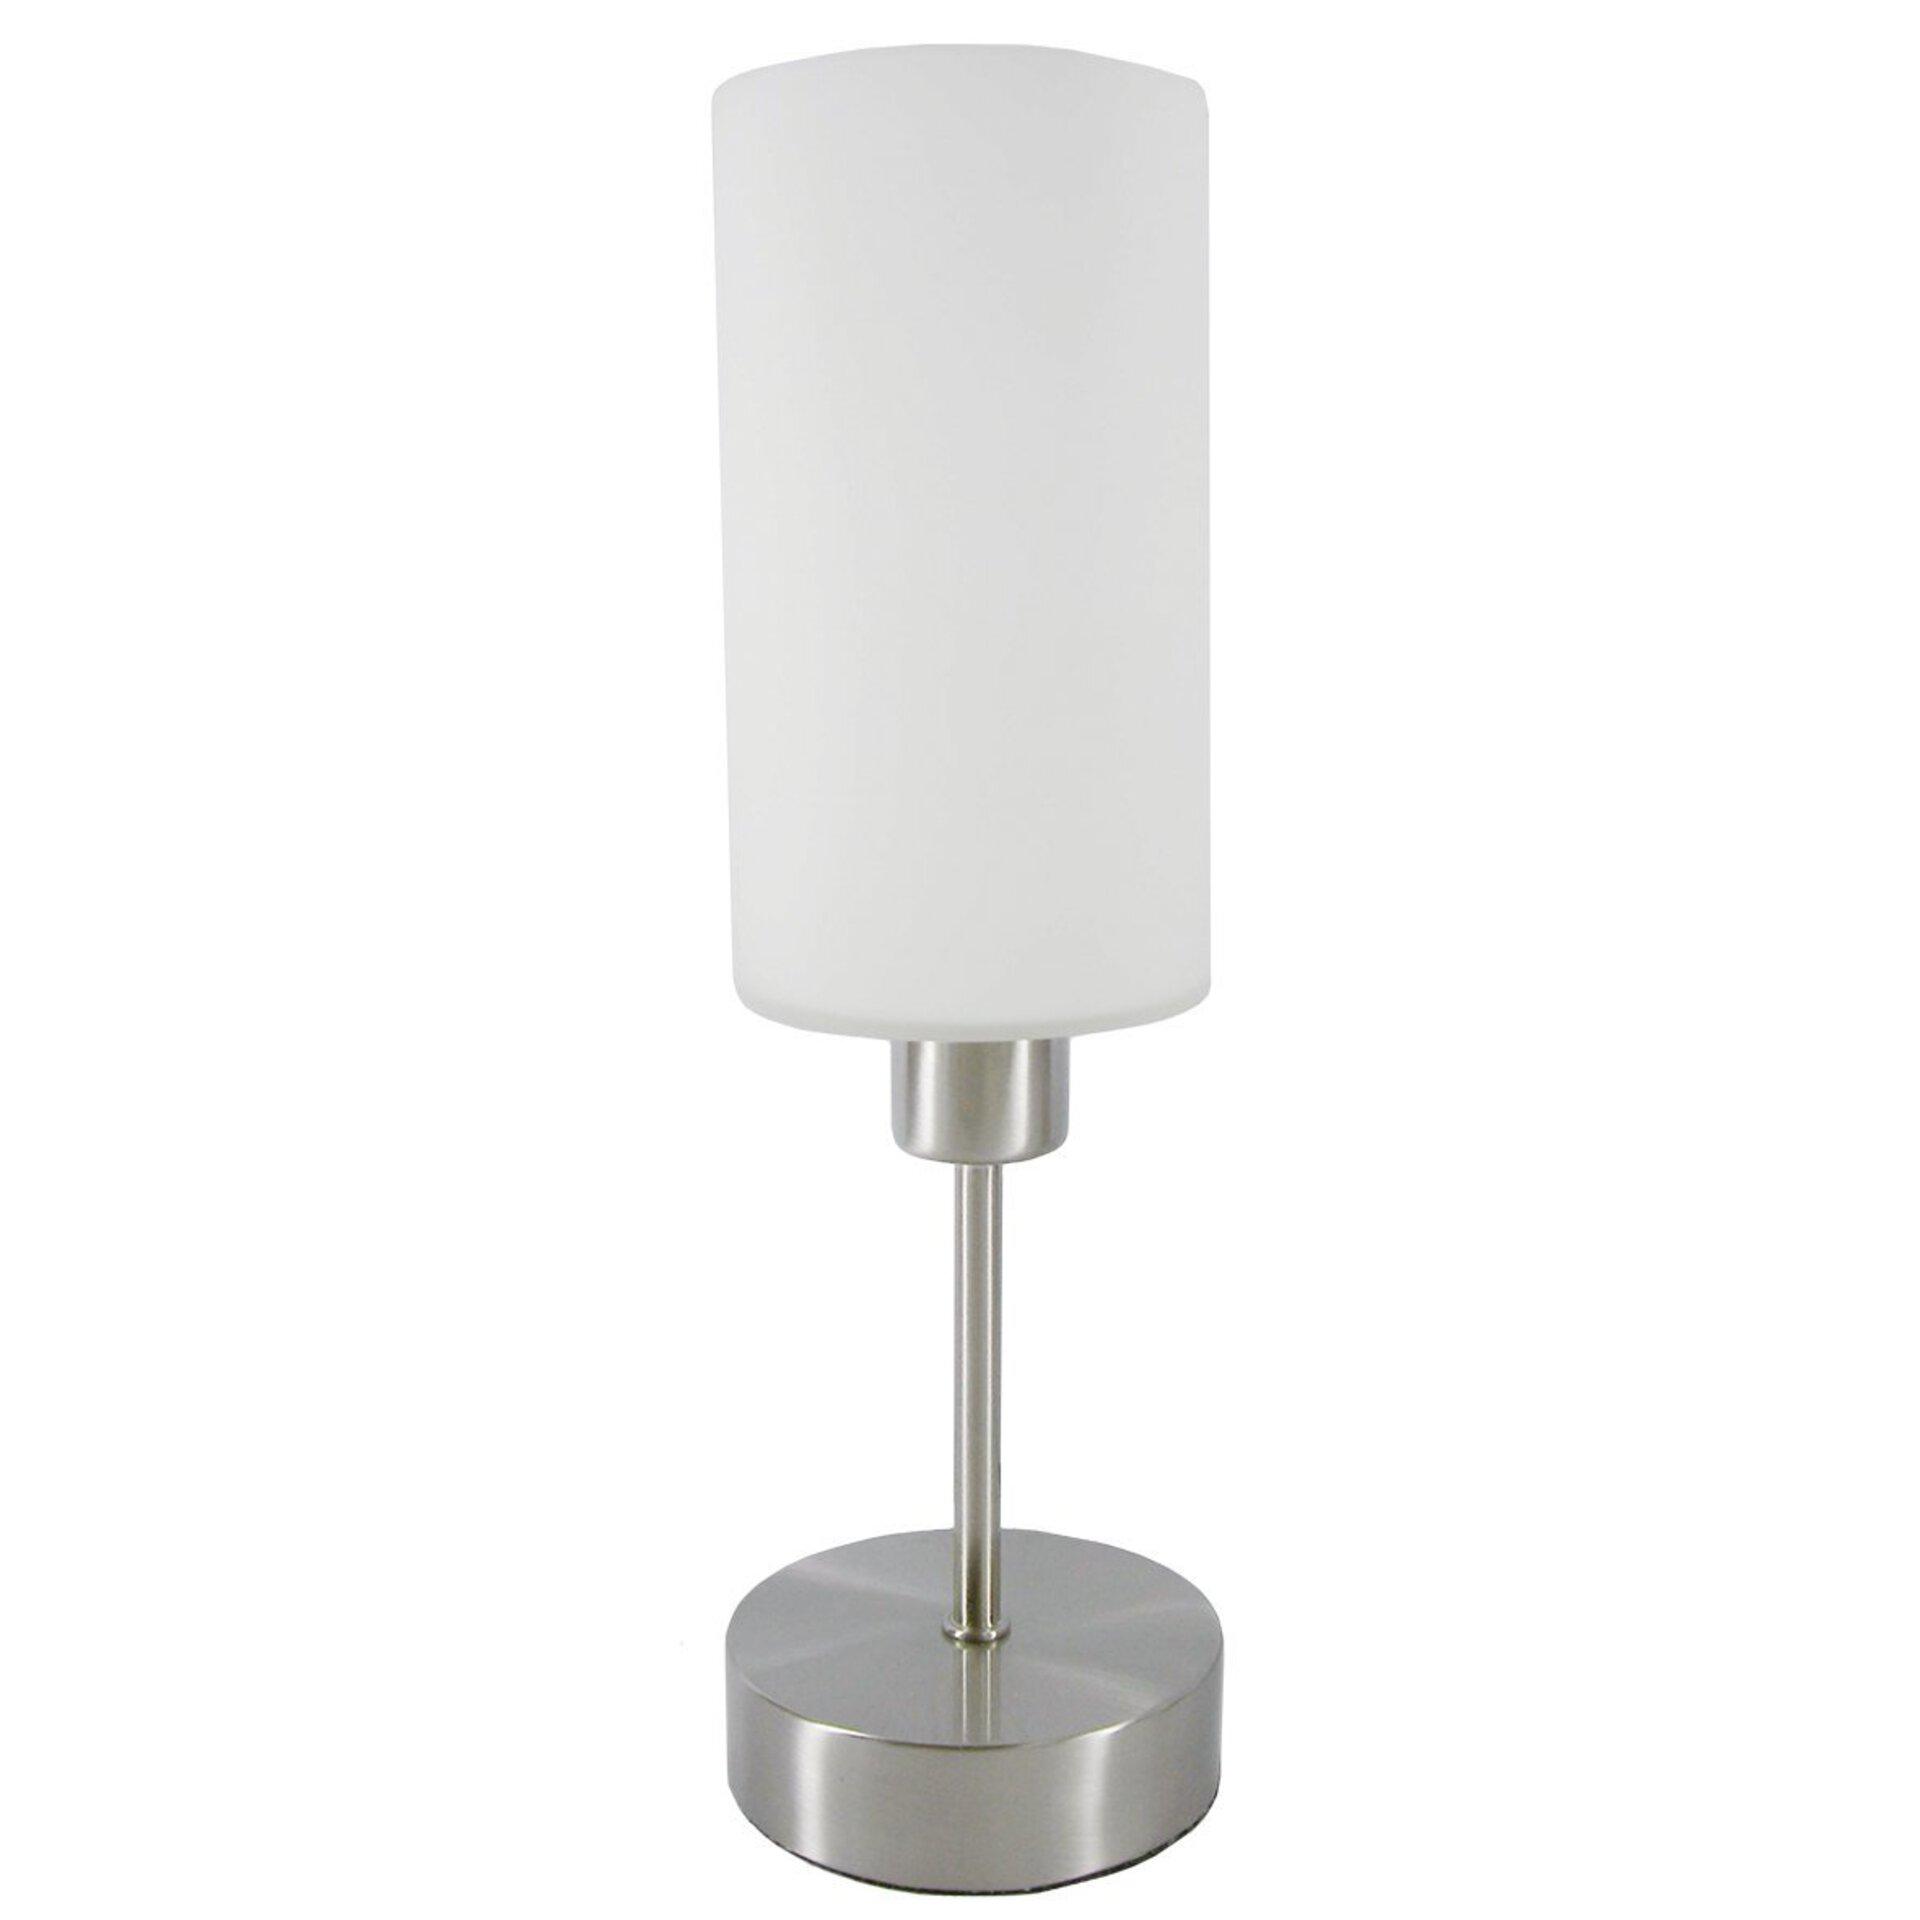 Tischleuchte Loft Wofi Leuchten Metall 9 x 33 x 9 cm